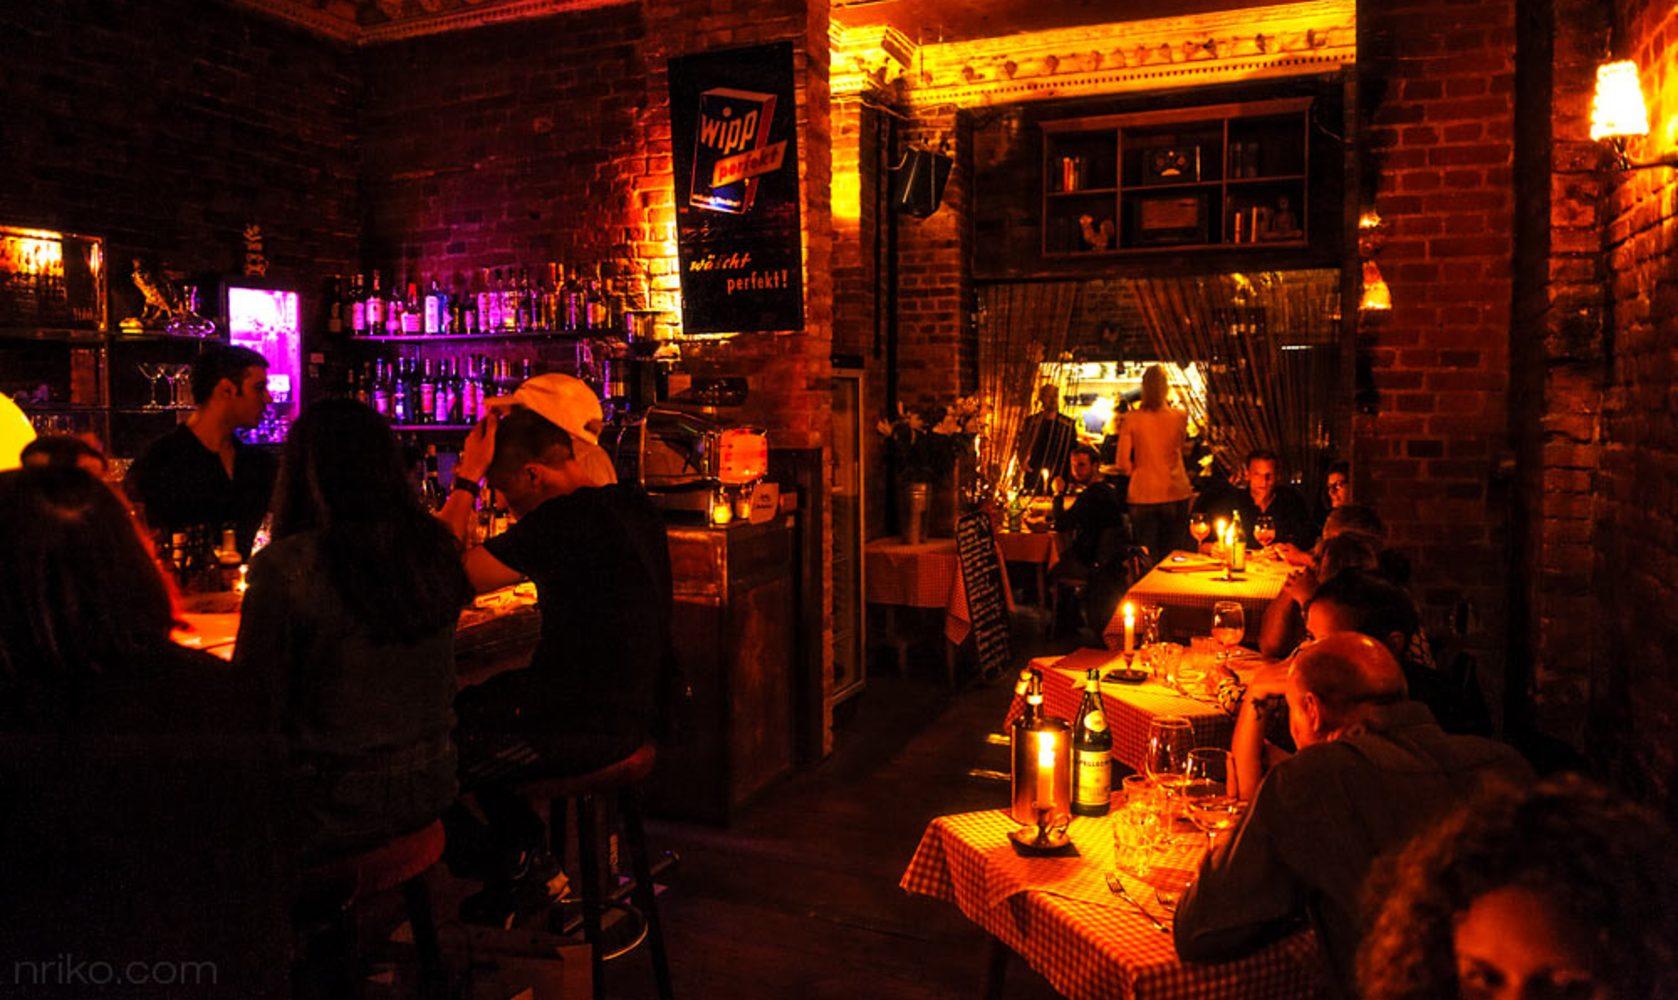 Der goldene Hahn - Bar Cucina Italiana in Berlin